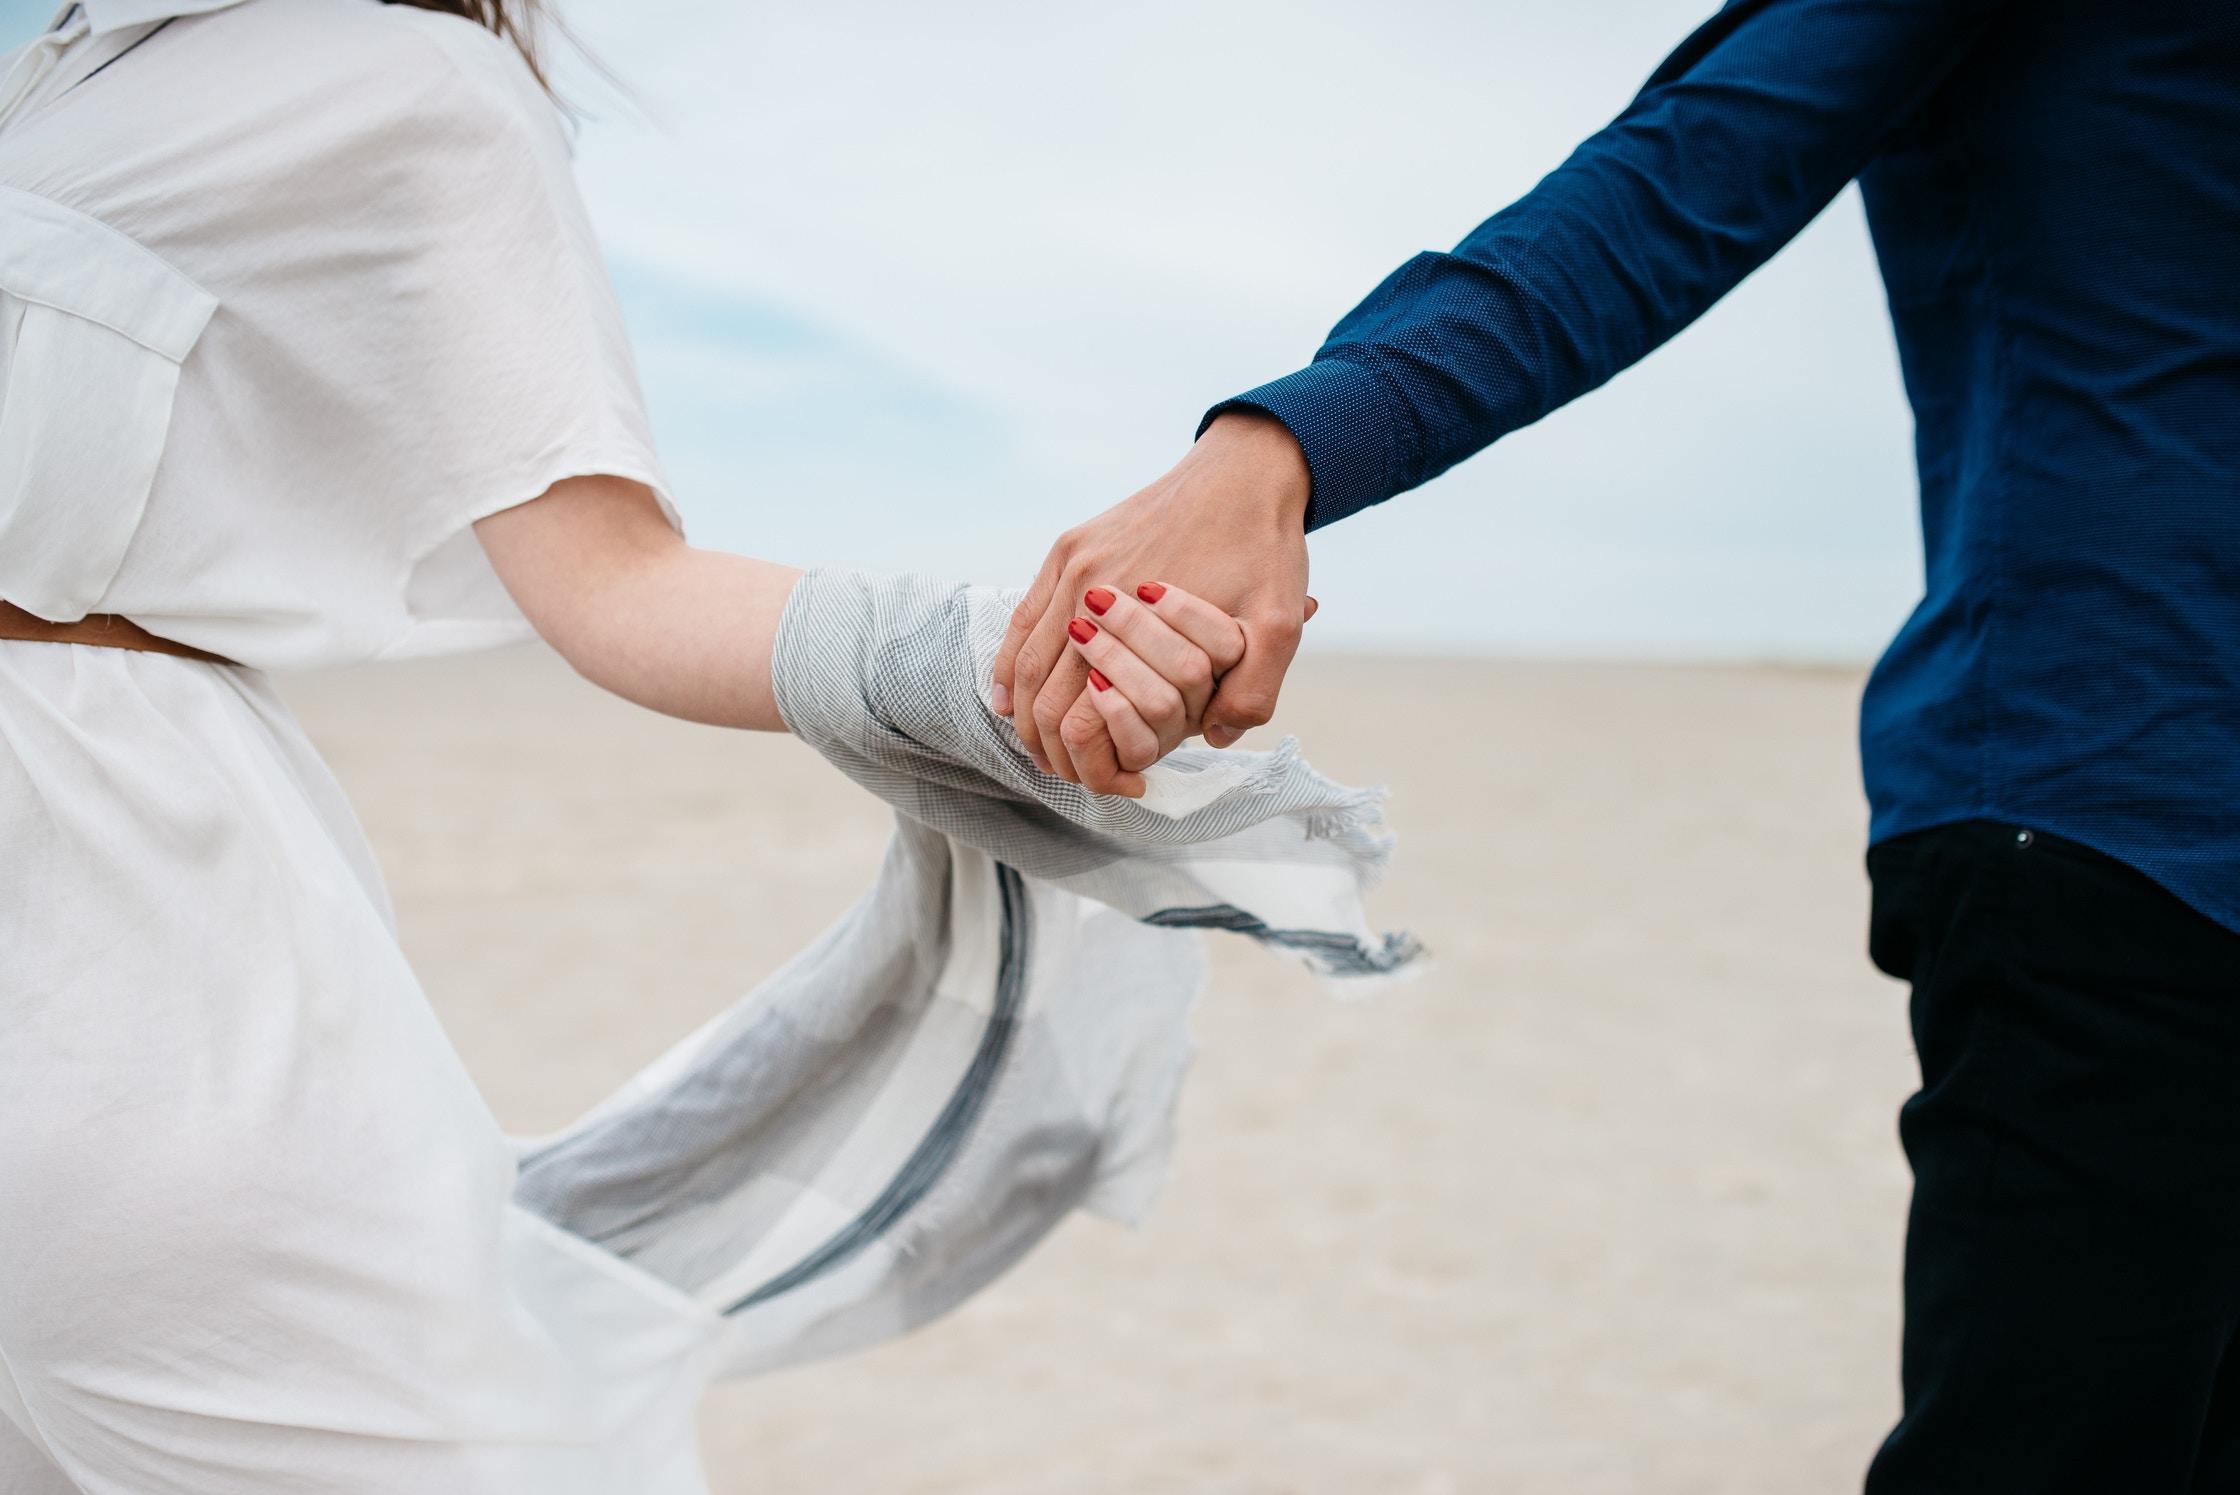 エンジェルナンバー83のもつ意味とは、恋愛における効果も解説